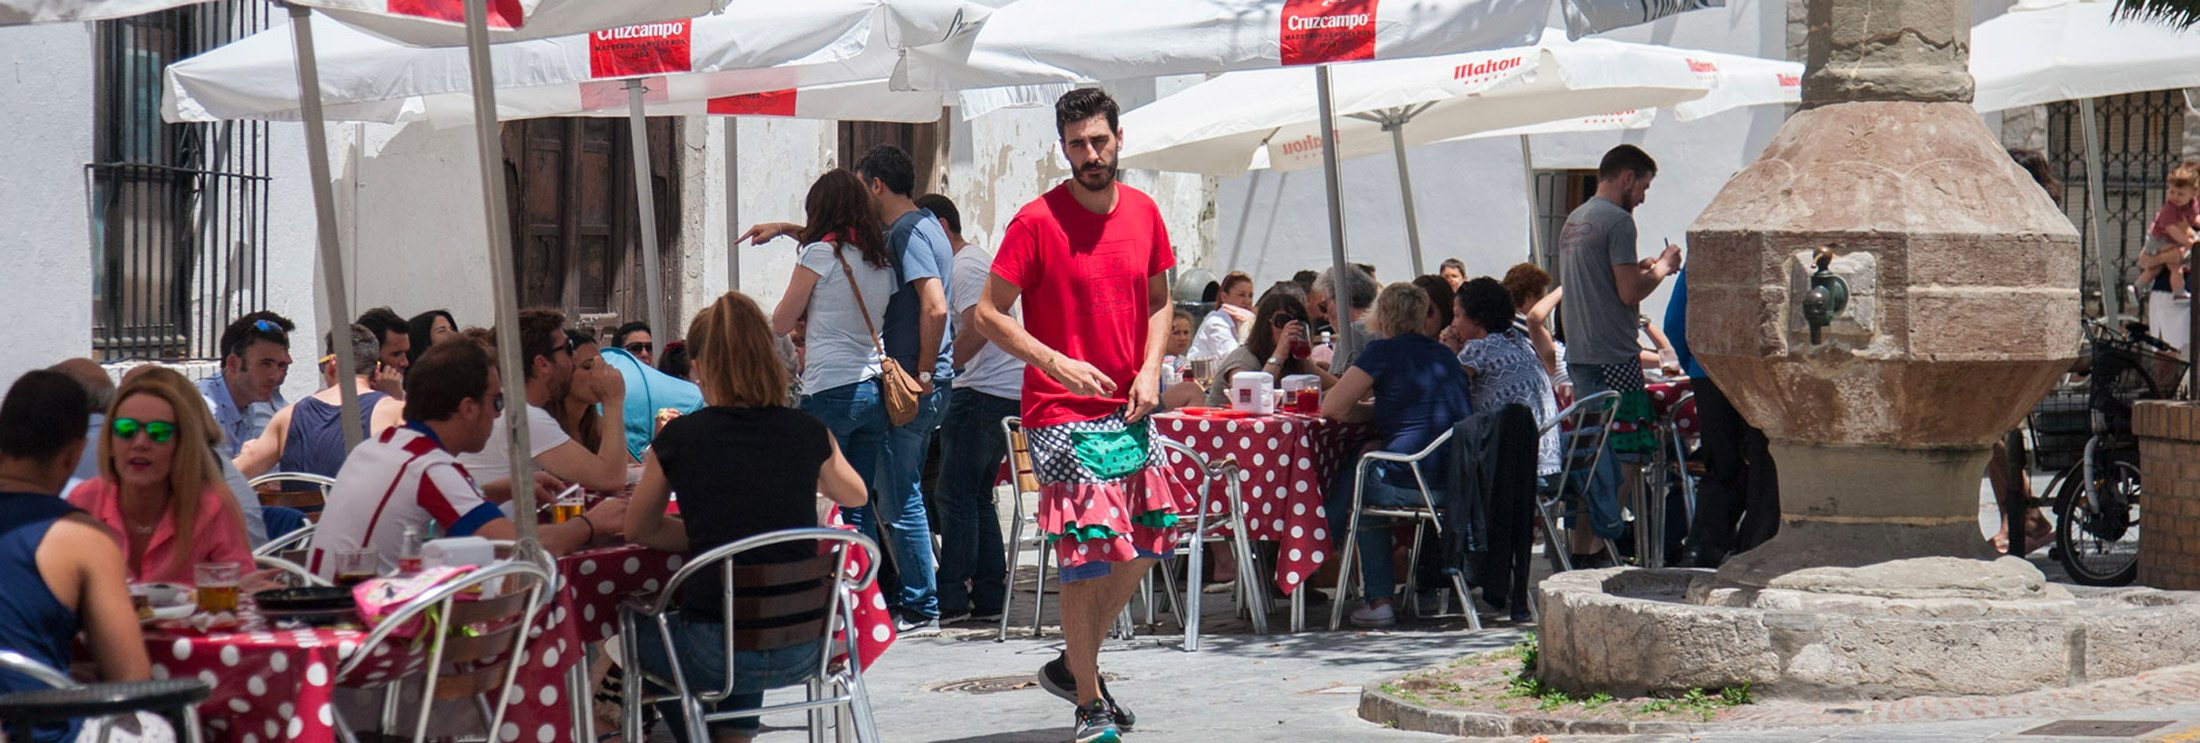 El-Lola-Tapas-Bar-Tarifa-Diner-Lunch-Good Food-Fresh tuna